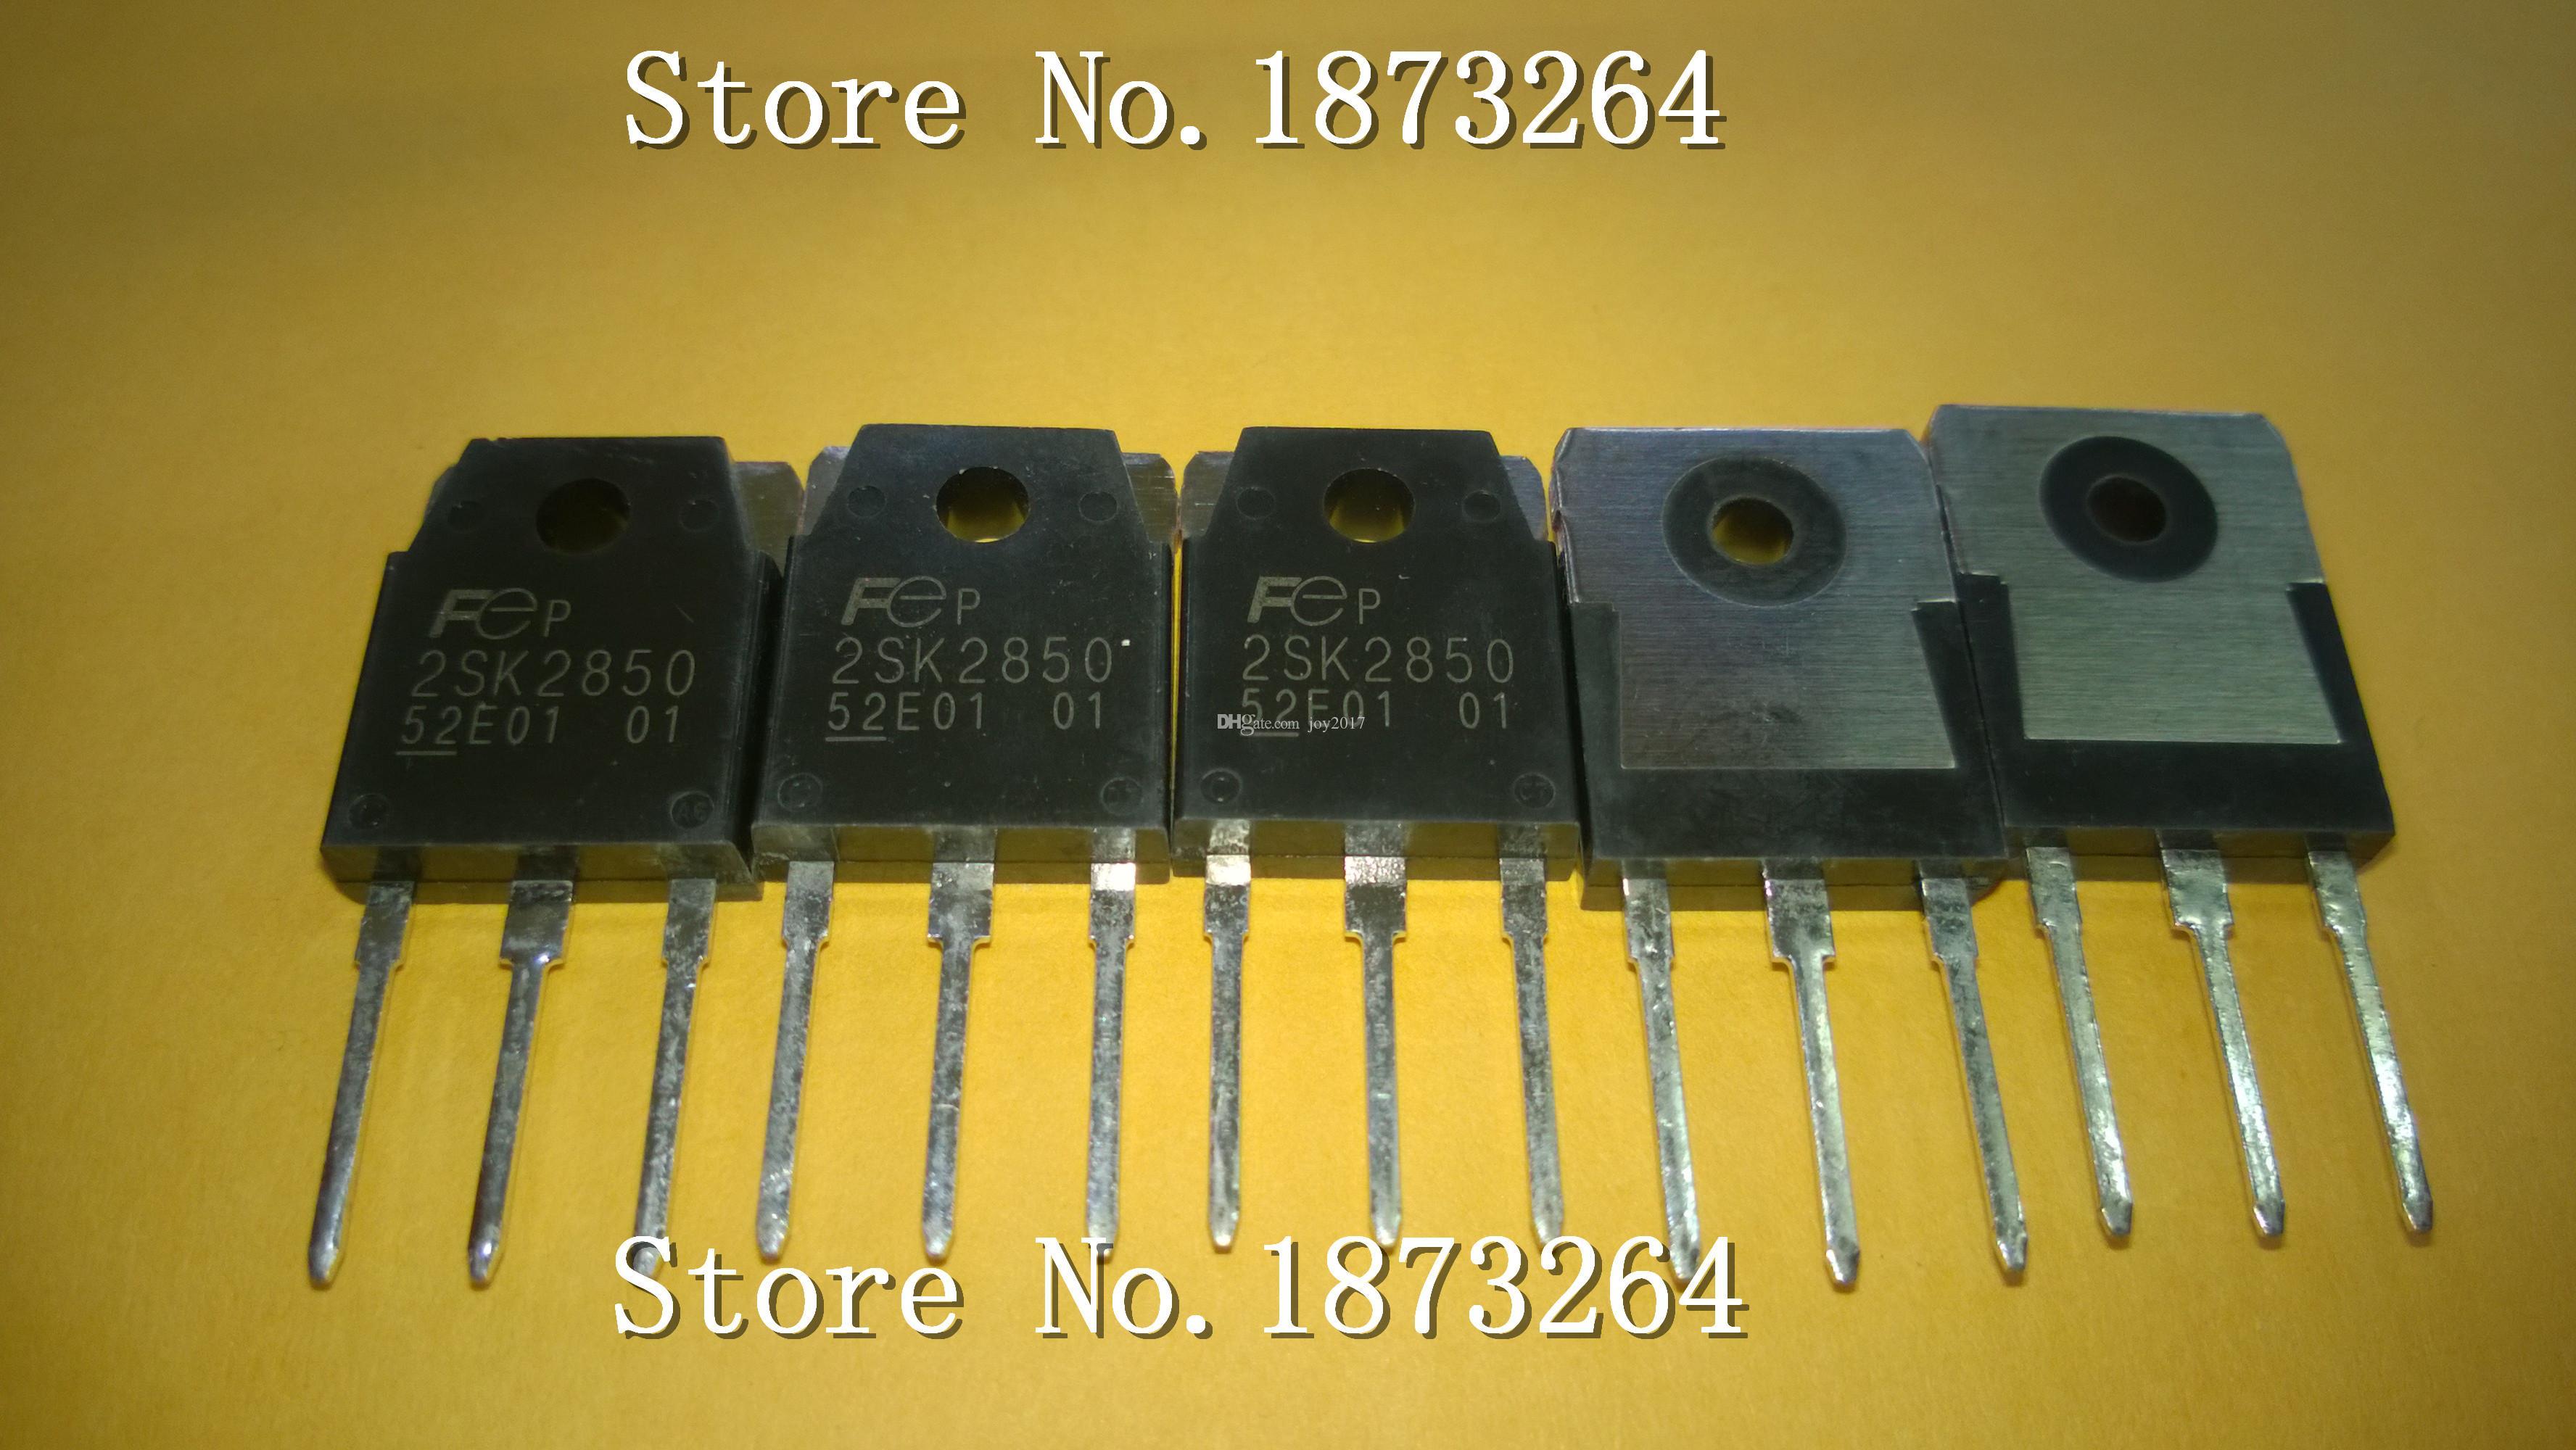 Ücretsiz kargo 2SK2850 2SK2850-01 K2850 TO3P Yeni ve orijinal 10 ADET / GRUP